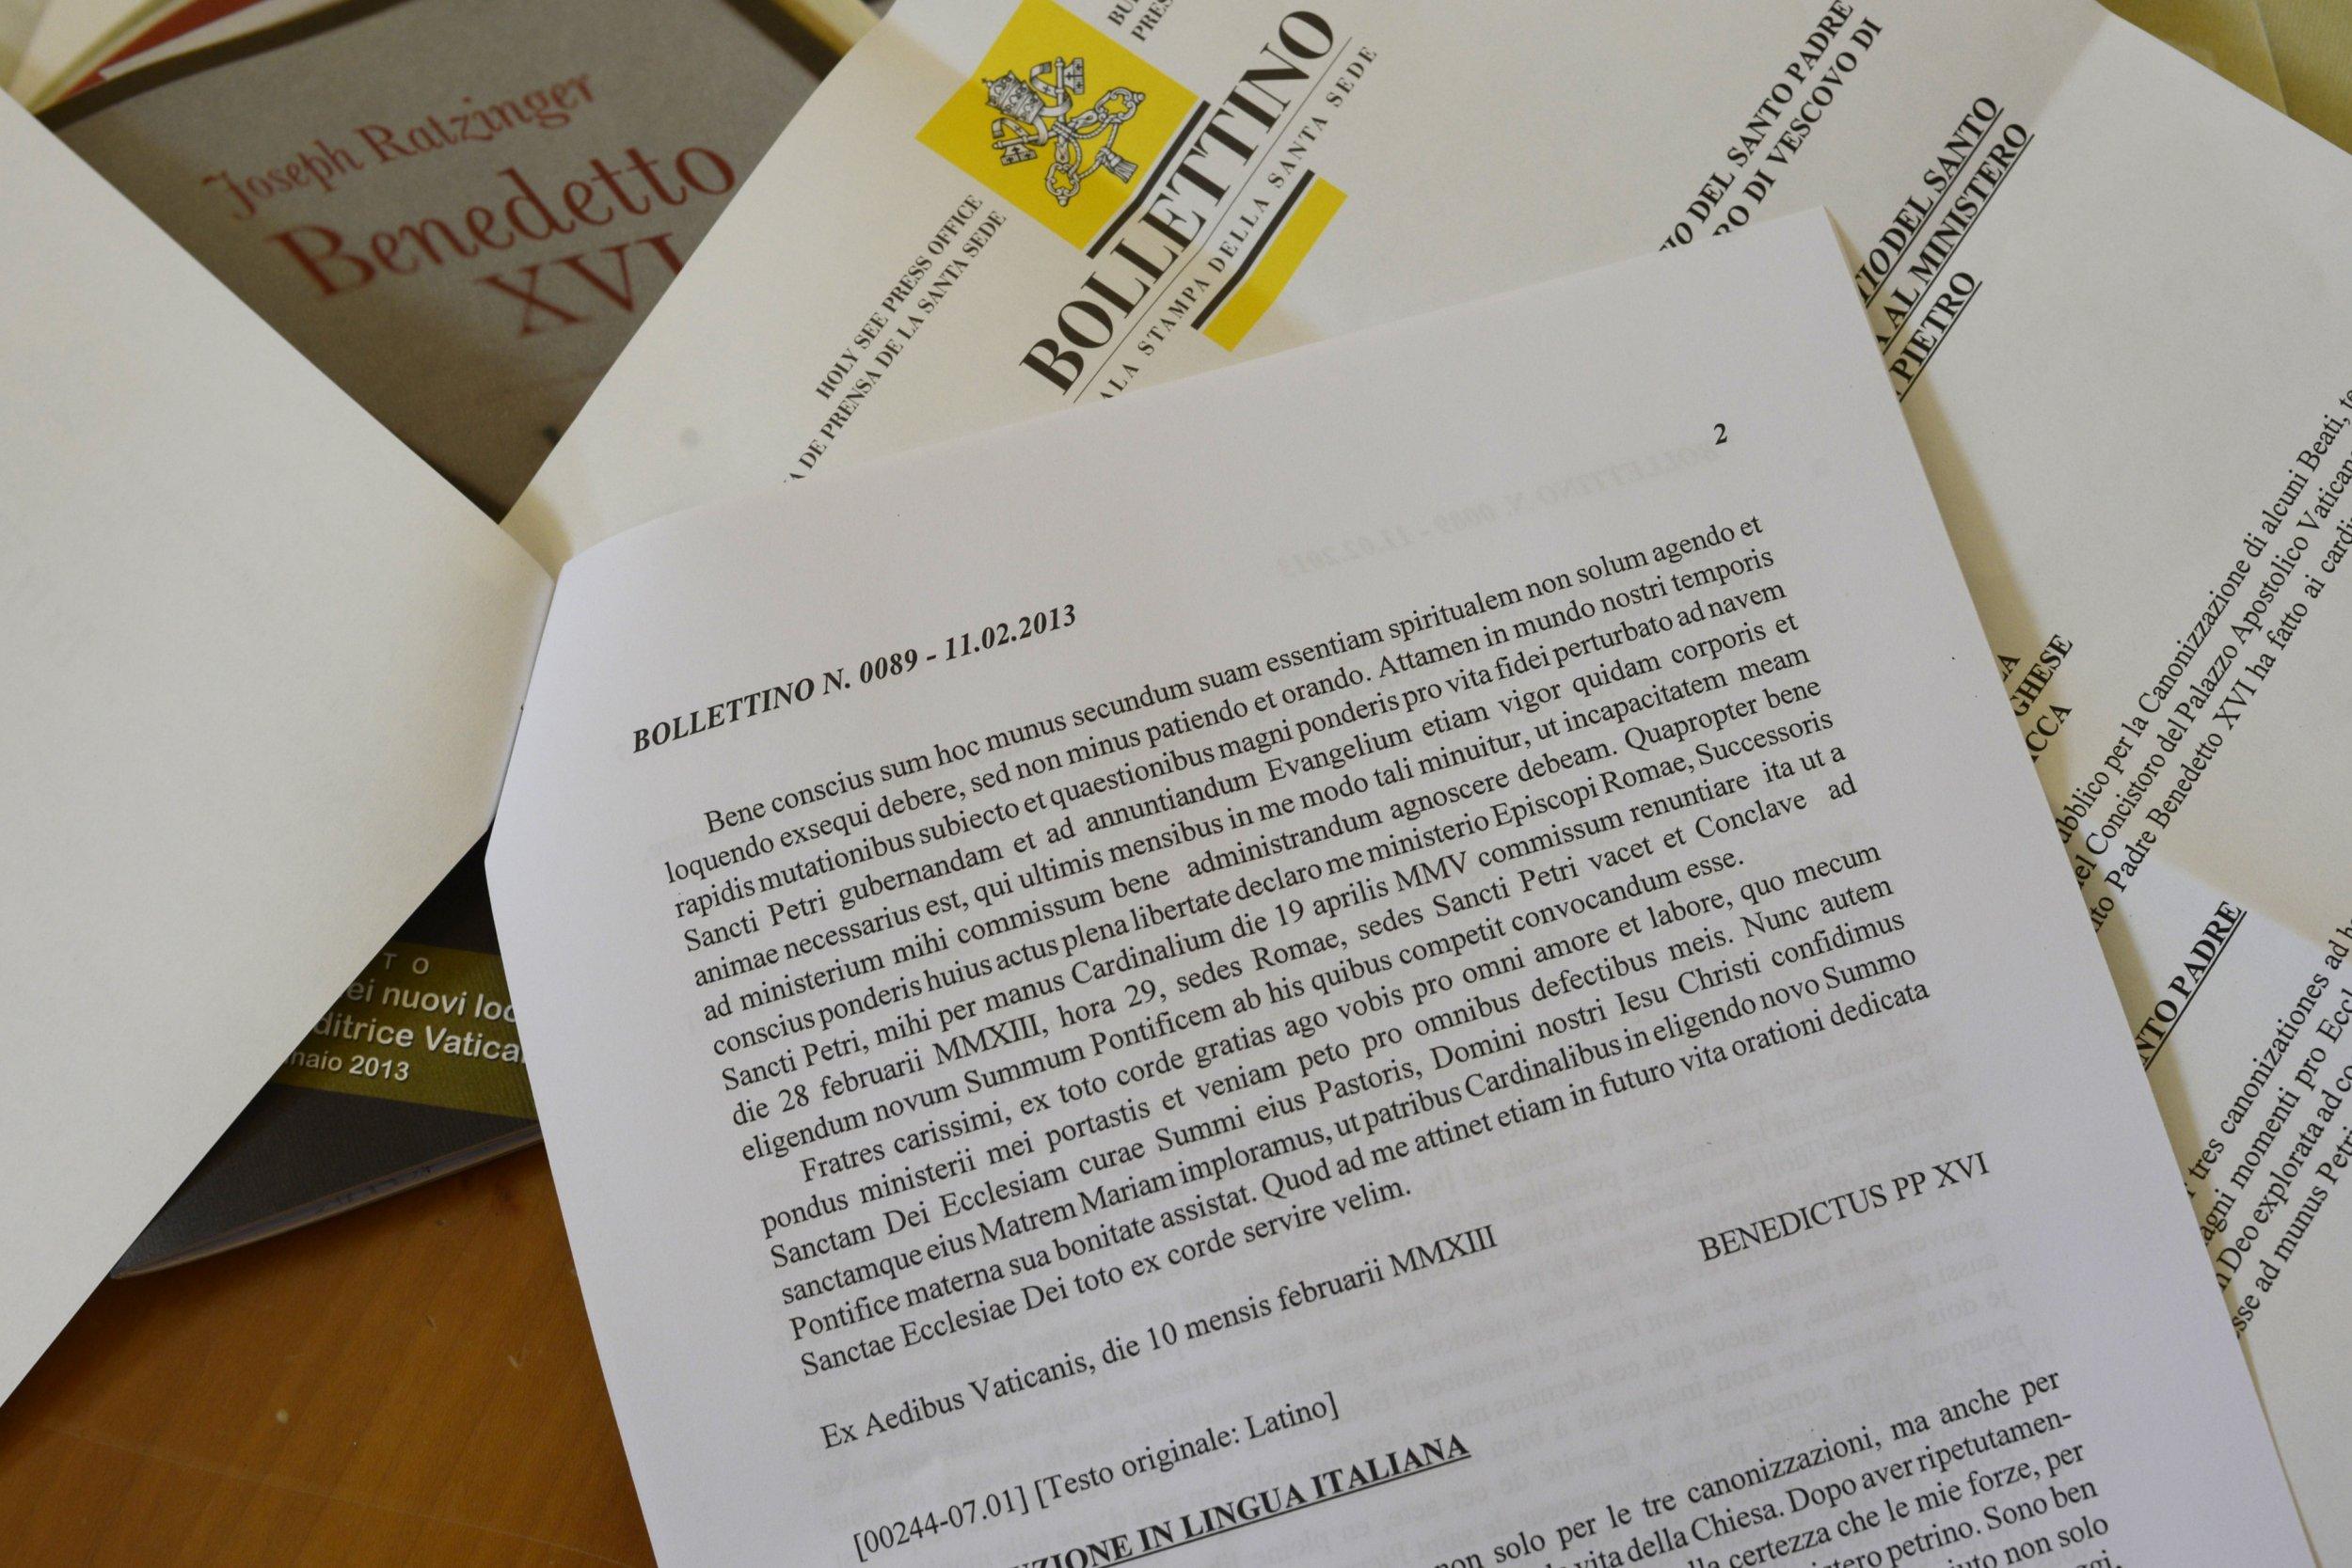 Pope Benedict XVI resignation Latin text